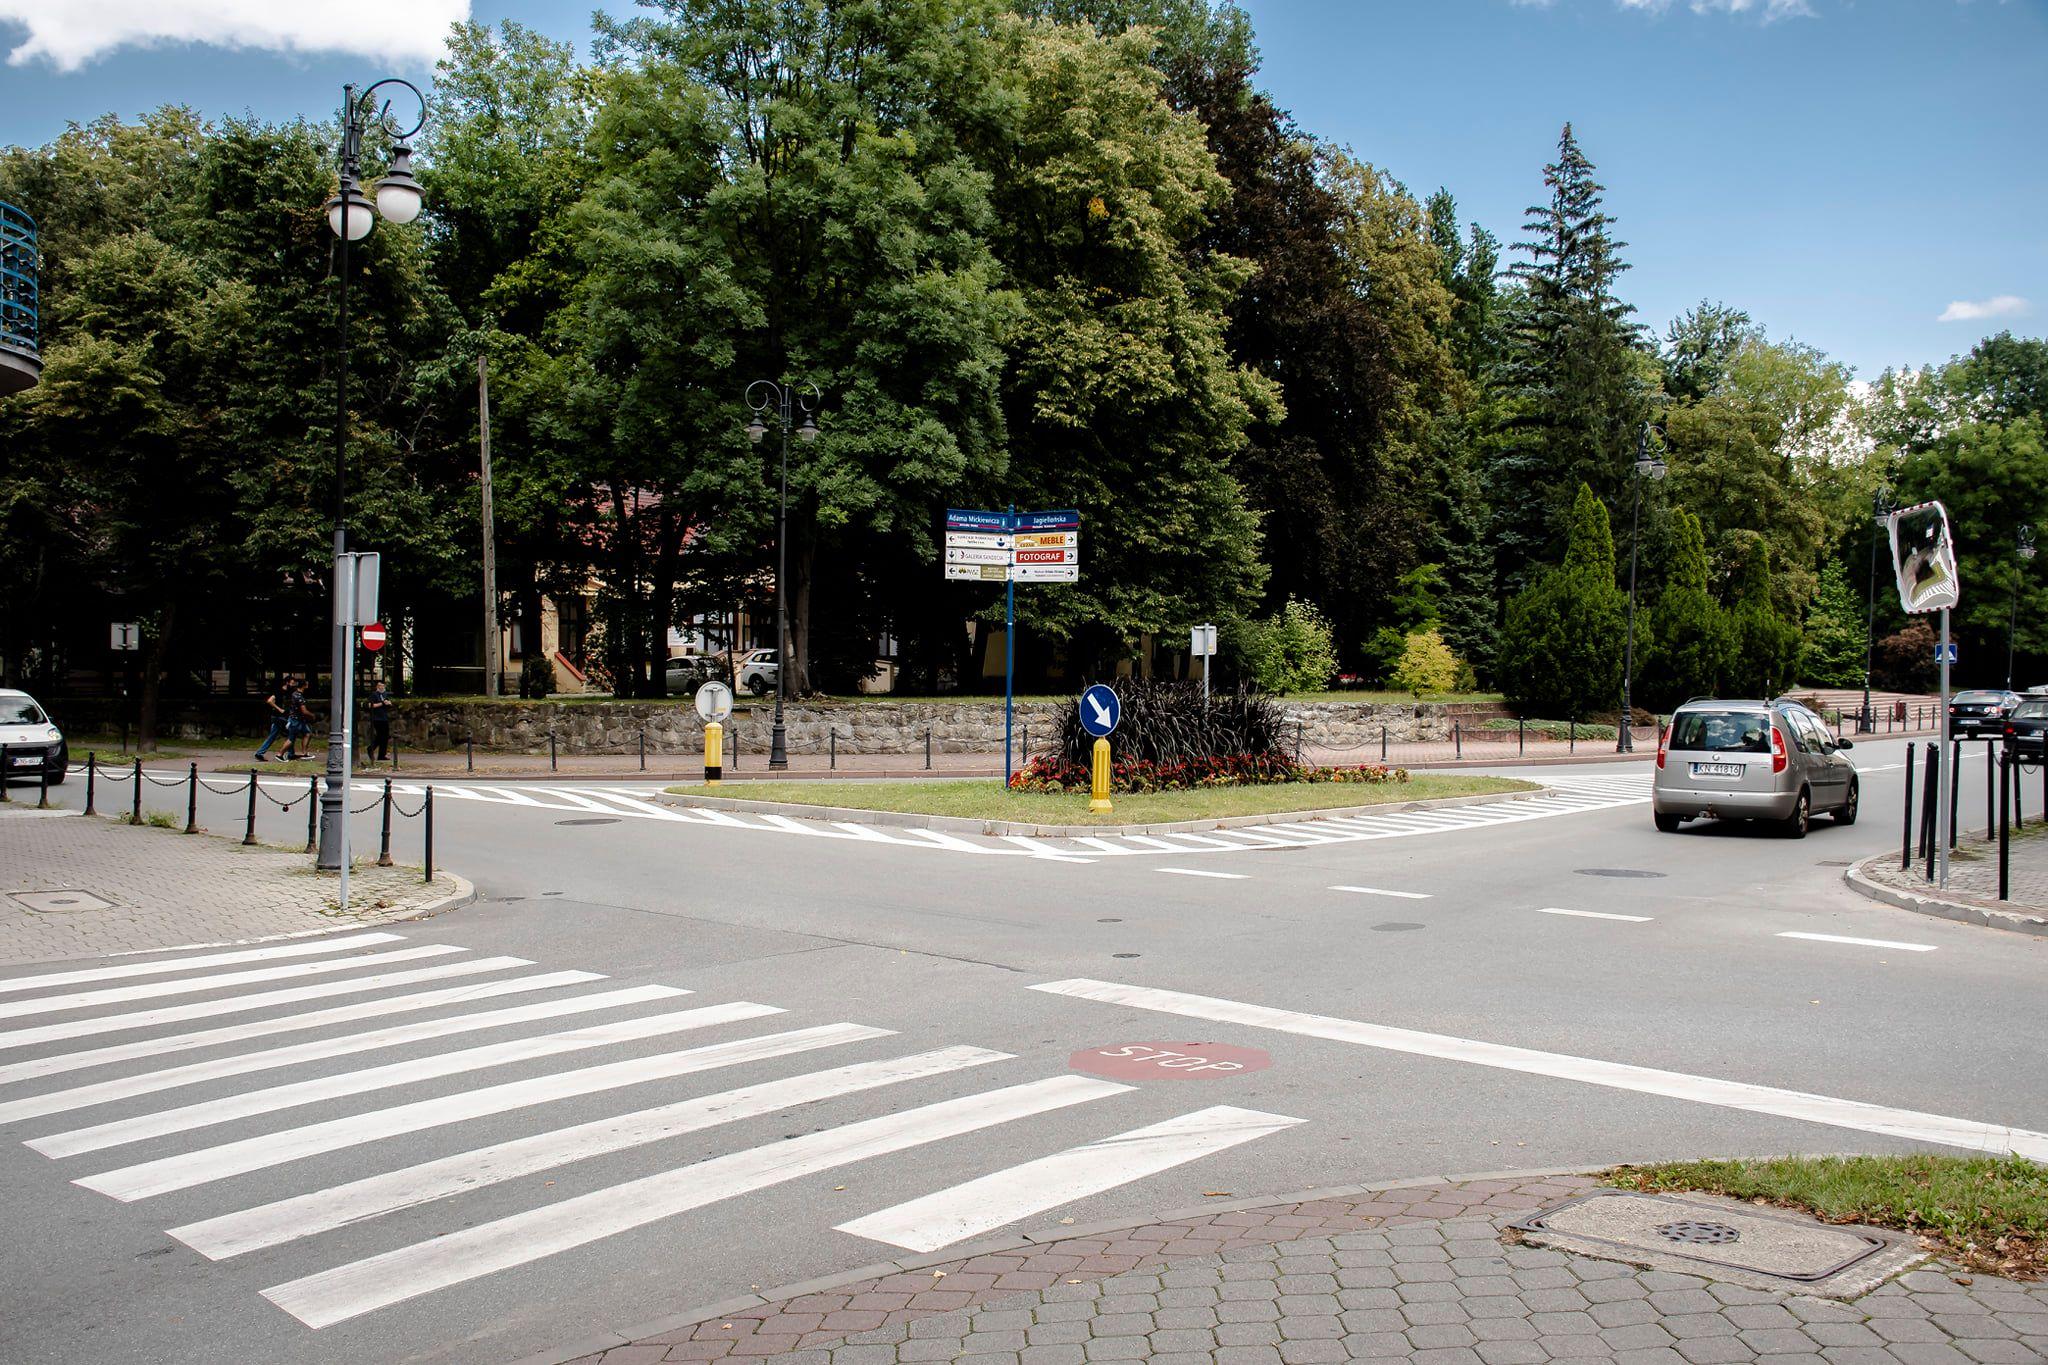 ℹ️Moją intencją jest likwidacja na terenie Miasta Nowego Sącza miejsc szczególnie niebezpiecznych. Do takich miejsc należy skrzyżowanie ulicy Mickiewicza z ulicą Jagiellońską. Proszę Mieszkańców Nowego Sącza o opinię, która opcja będzie najlepsza: